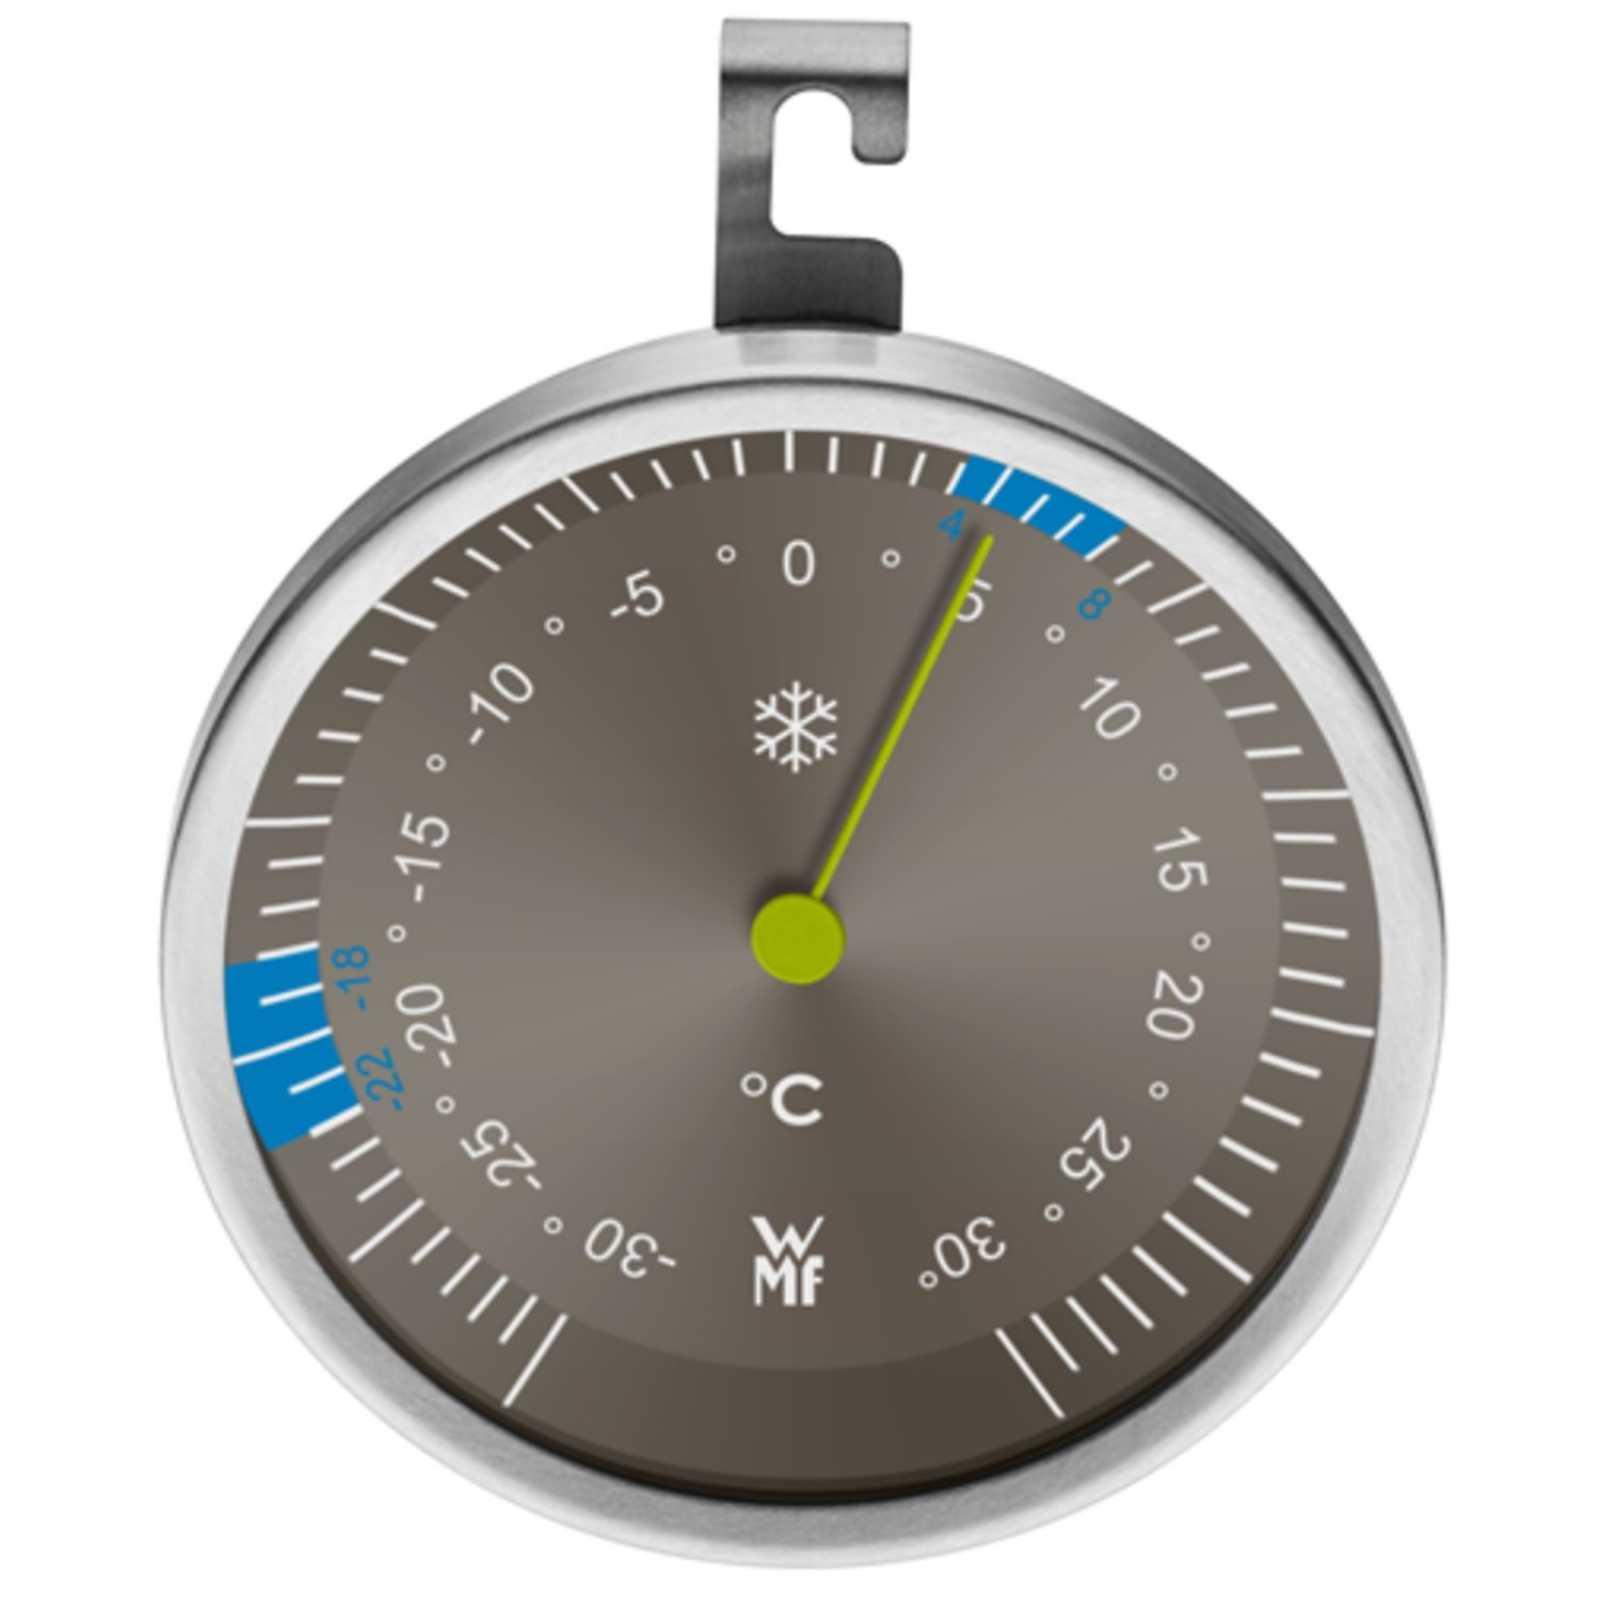 Онлайн каталог PROMENU: Термометр для холодильника WMF SCALA, серебристый WMF 06 0865 6030